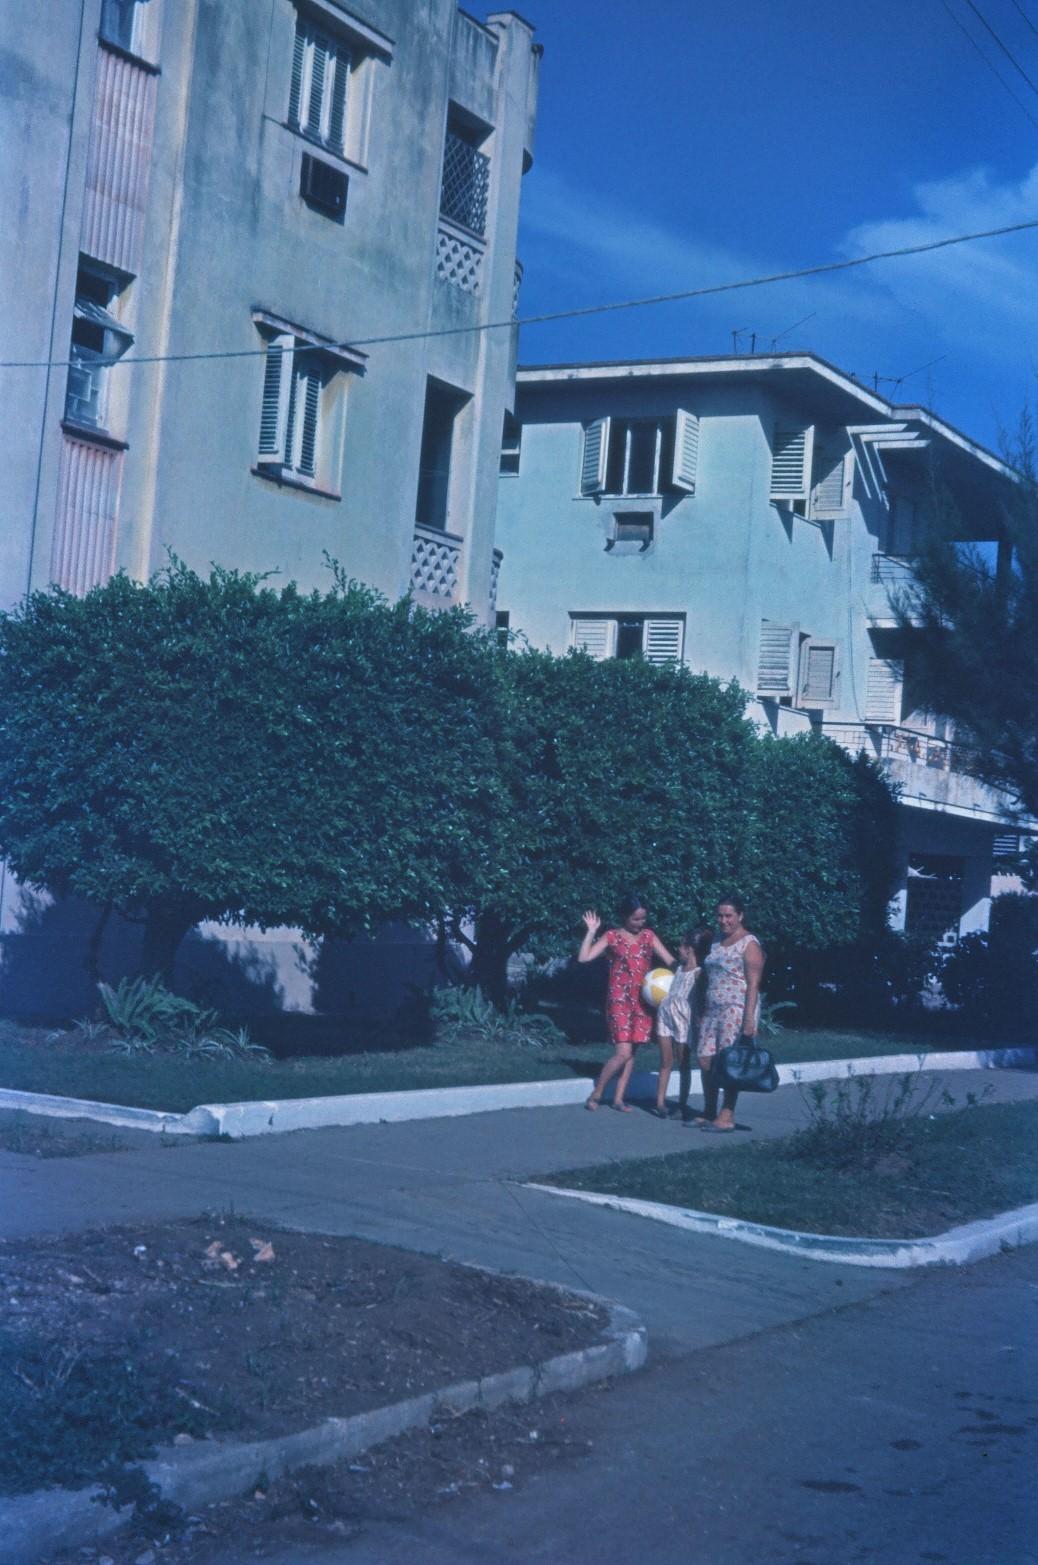 1968-1970. Дом Елены Мендес в районе гостиницы «Сьерра-Маэстра»